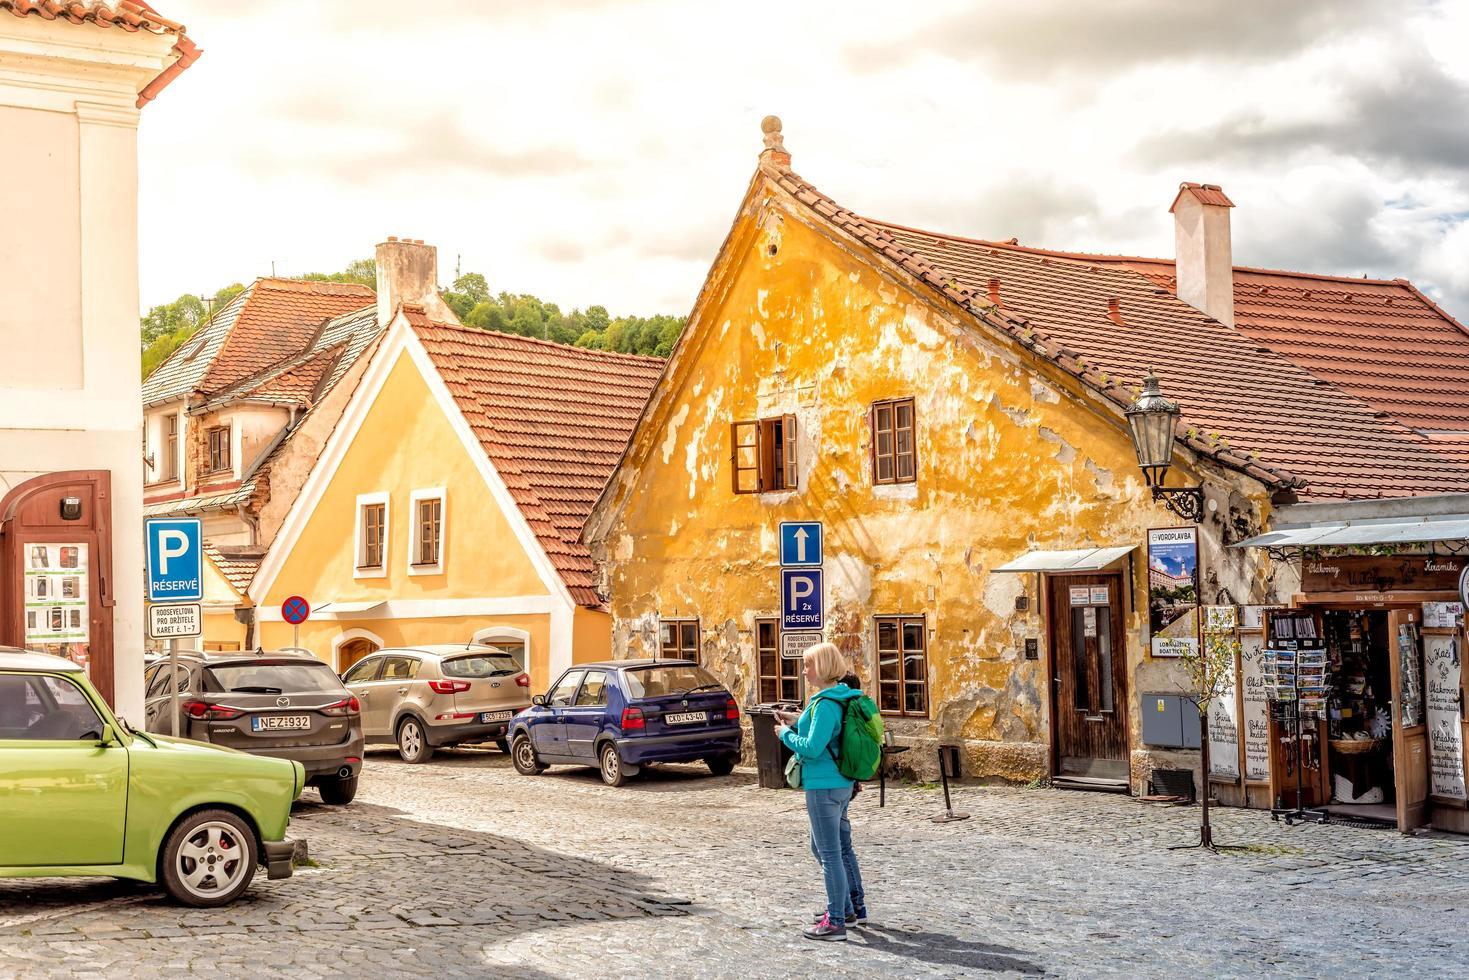 República Checa 2017: casco histórico de cesky krumlov en bohemia del sur foto